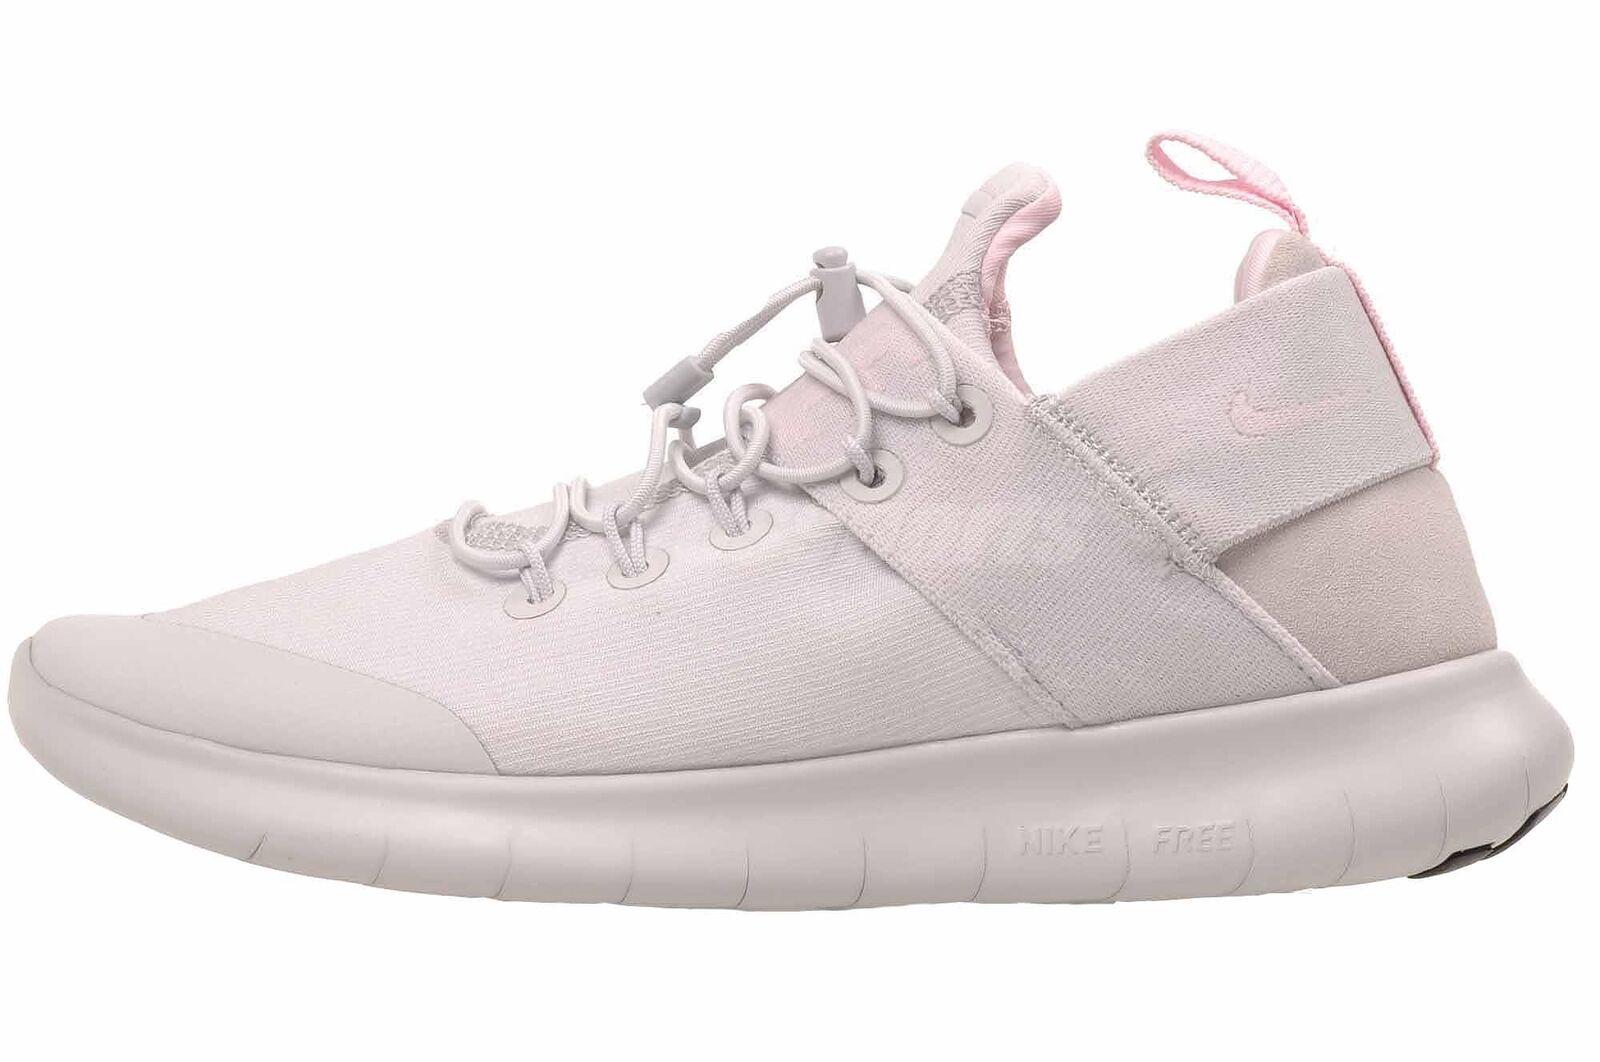 Nike Wmns Free rn cmtr cmtr cmtr 2017 DX Running Mujer Zapatos vasto gris AH8676-001  Venta en línea precio bajo descuento